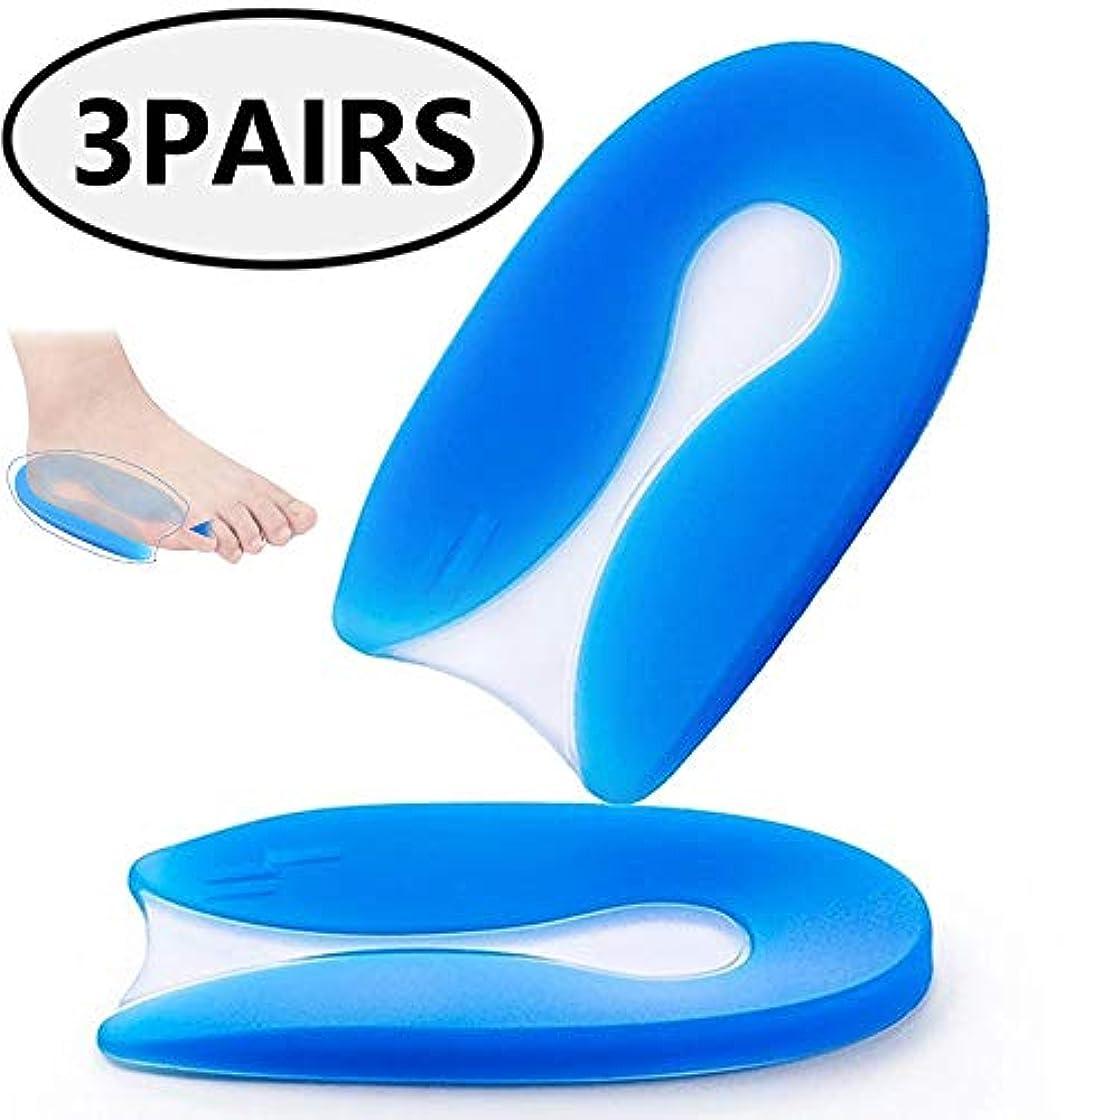 威信研磨シミュレートするシリコンヒールカップ-足底筋膜炎、かかとの痛み、骨の痛み、アキレスの痛みのための靴の挿入-男性と女性用のヒールジェルパッド(3ペア)